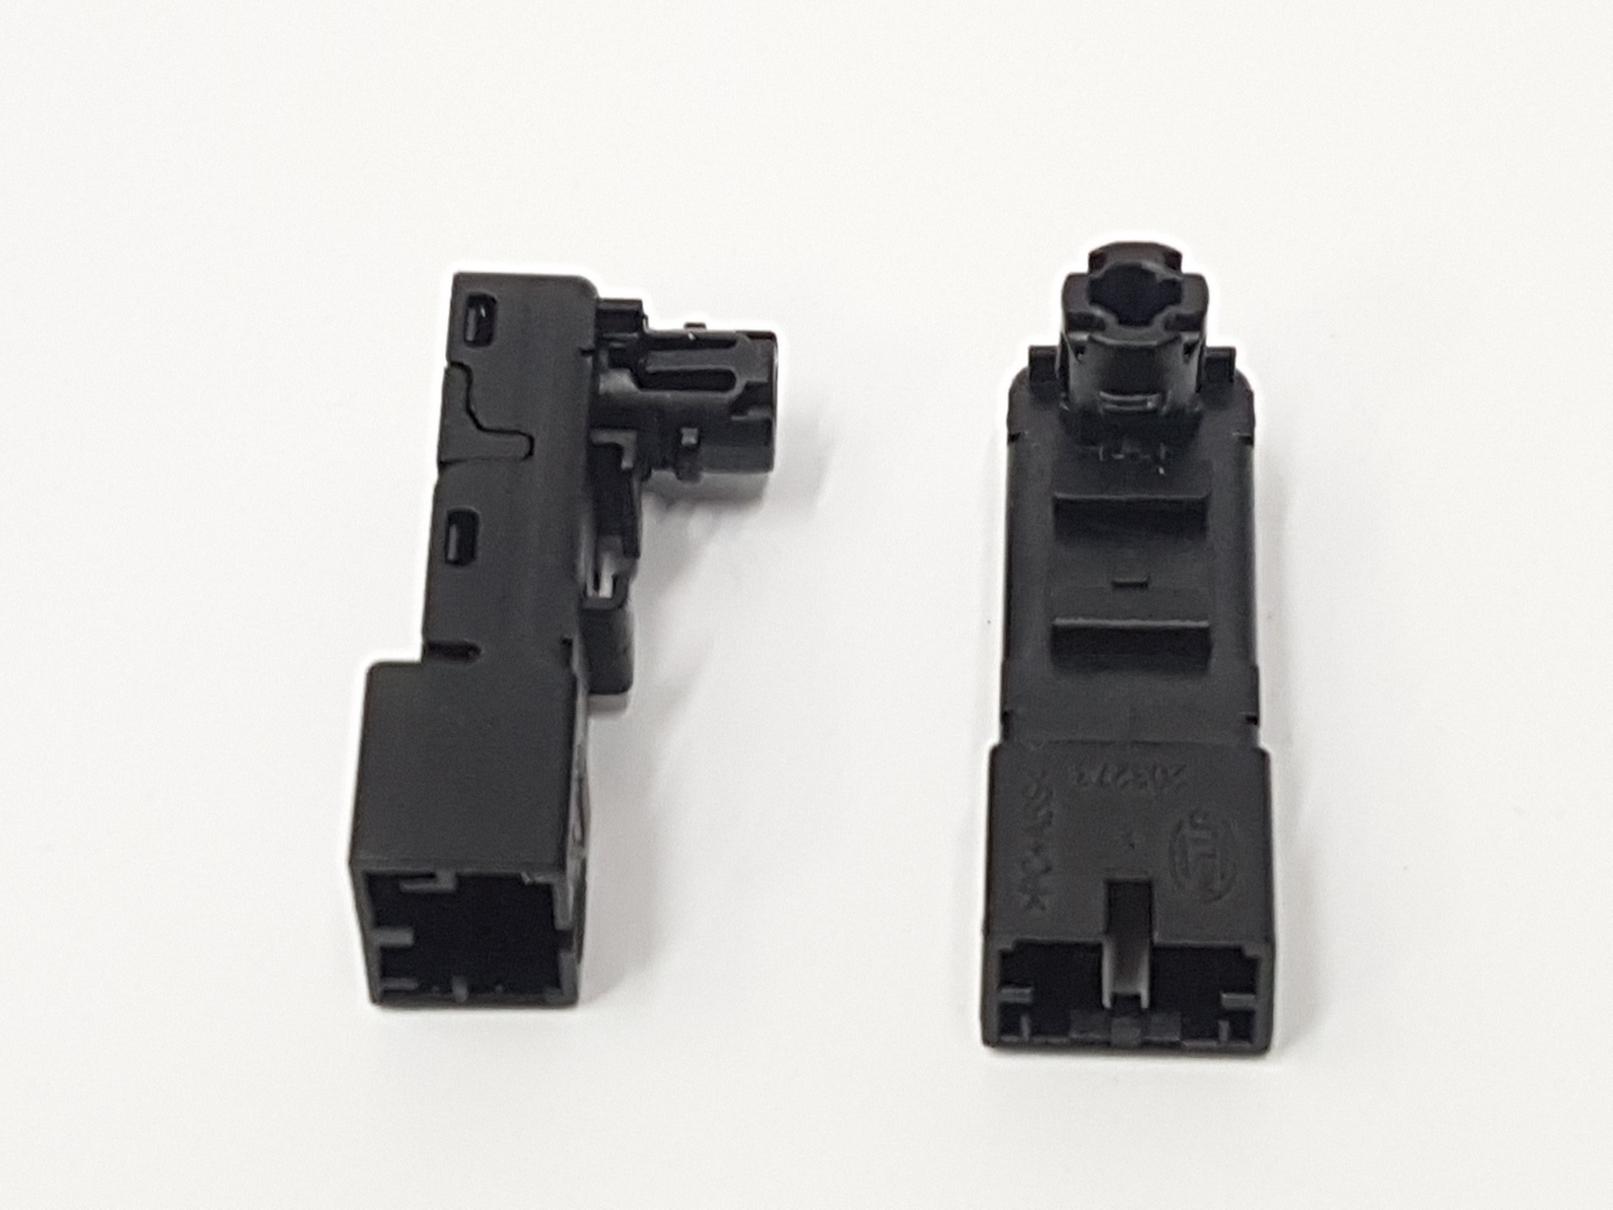 Oświetlenie Led Ambiente Audi Q7 4m0947356d 7239135252